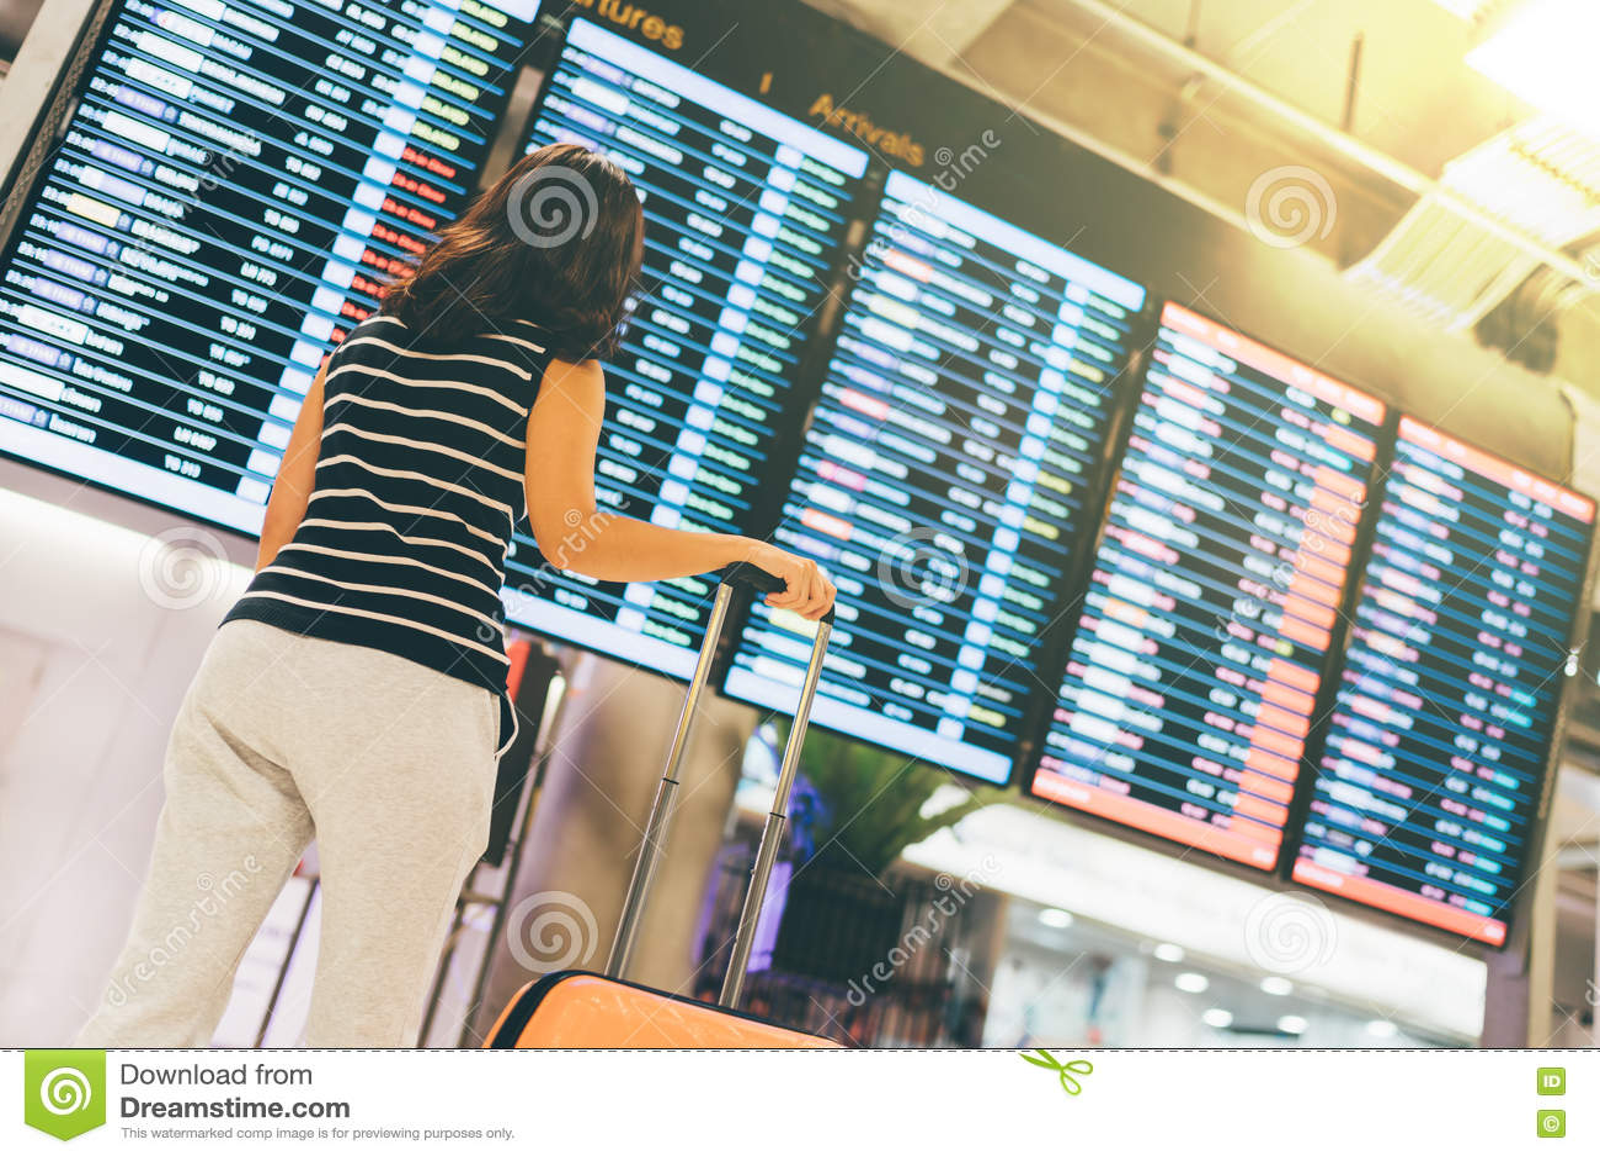 Asiatisk kvinnahandelsresande som ser informationsskärmen om flyg i en flygplats, ett hållande resväska-, lopp- eller tidbegrepp